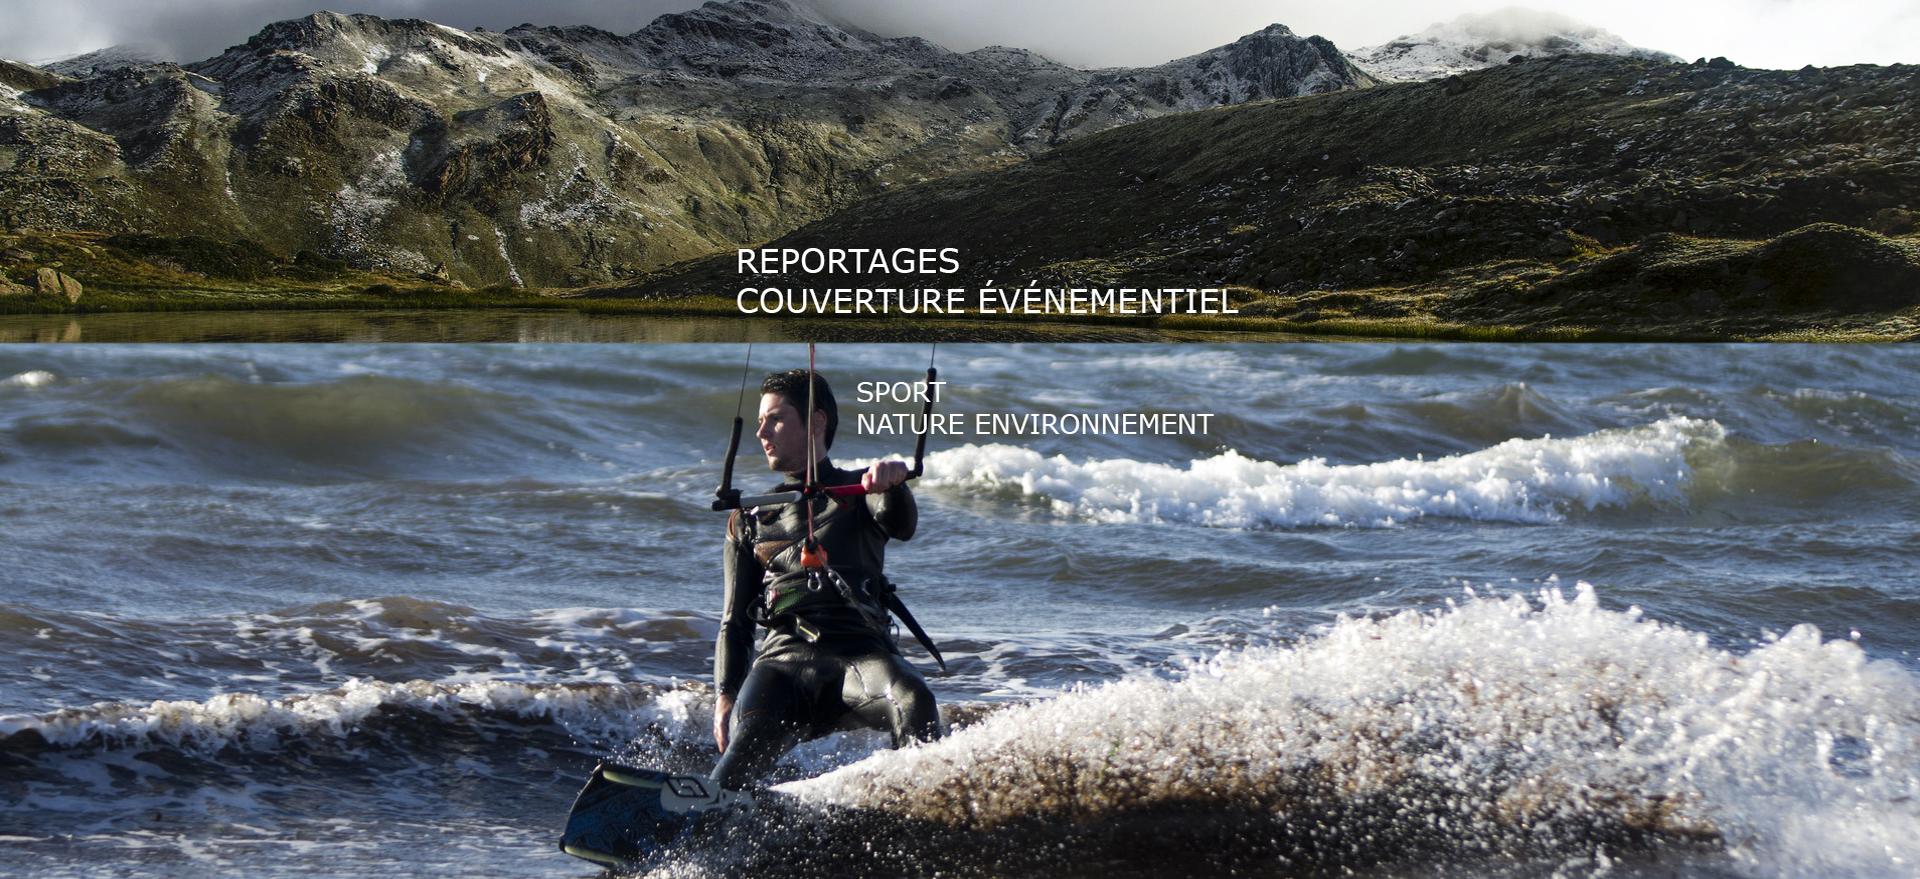 Photographe professionnel vous propose de couvrir - Photographie Sport - Nature - Reportages - Evénementiel